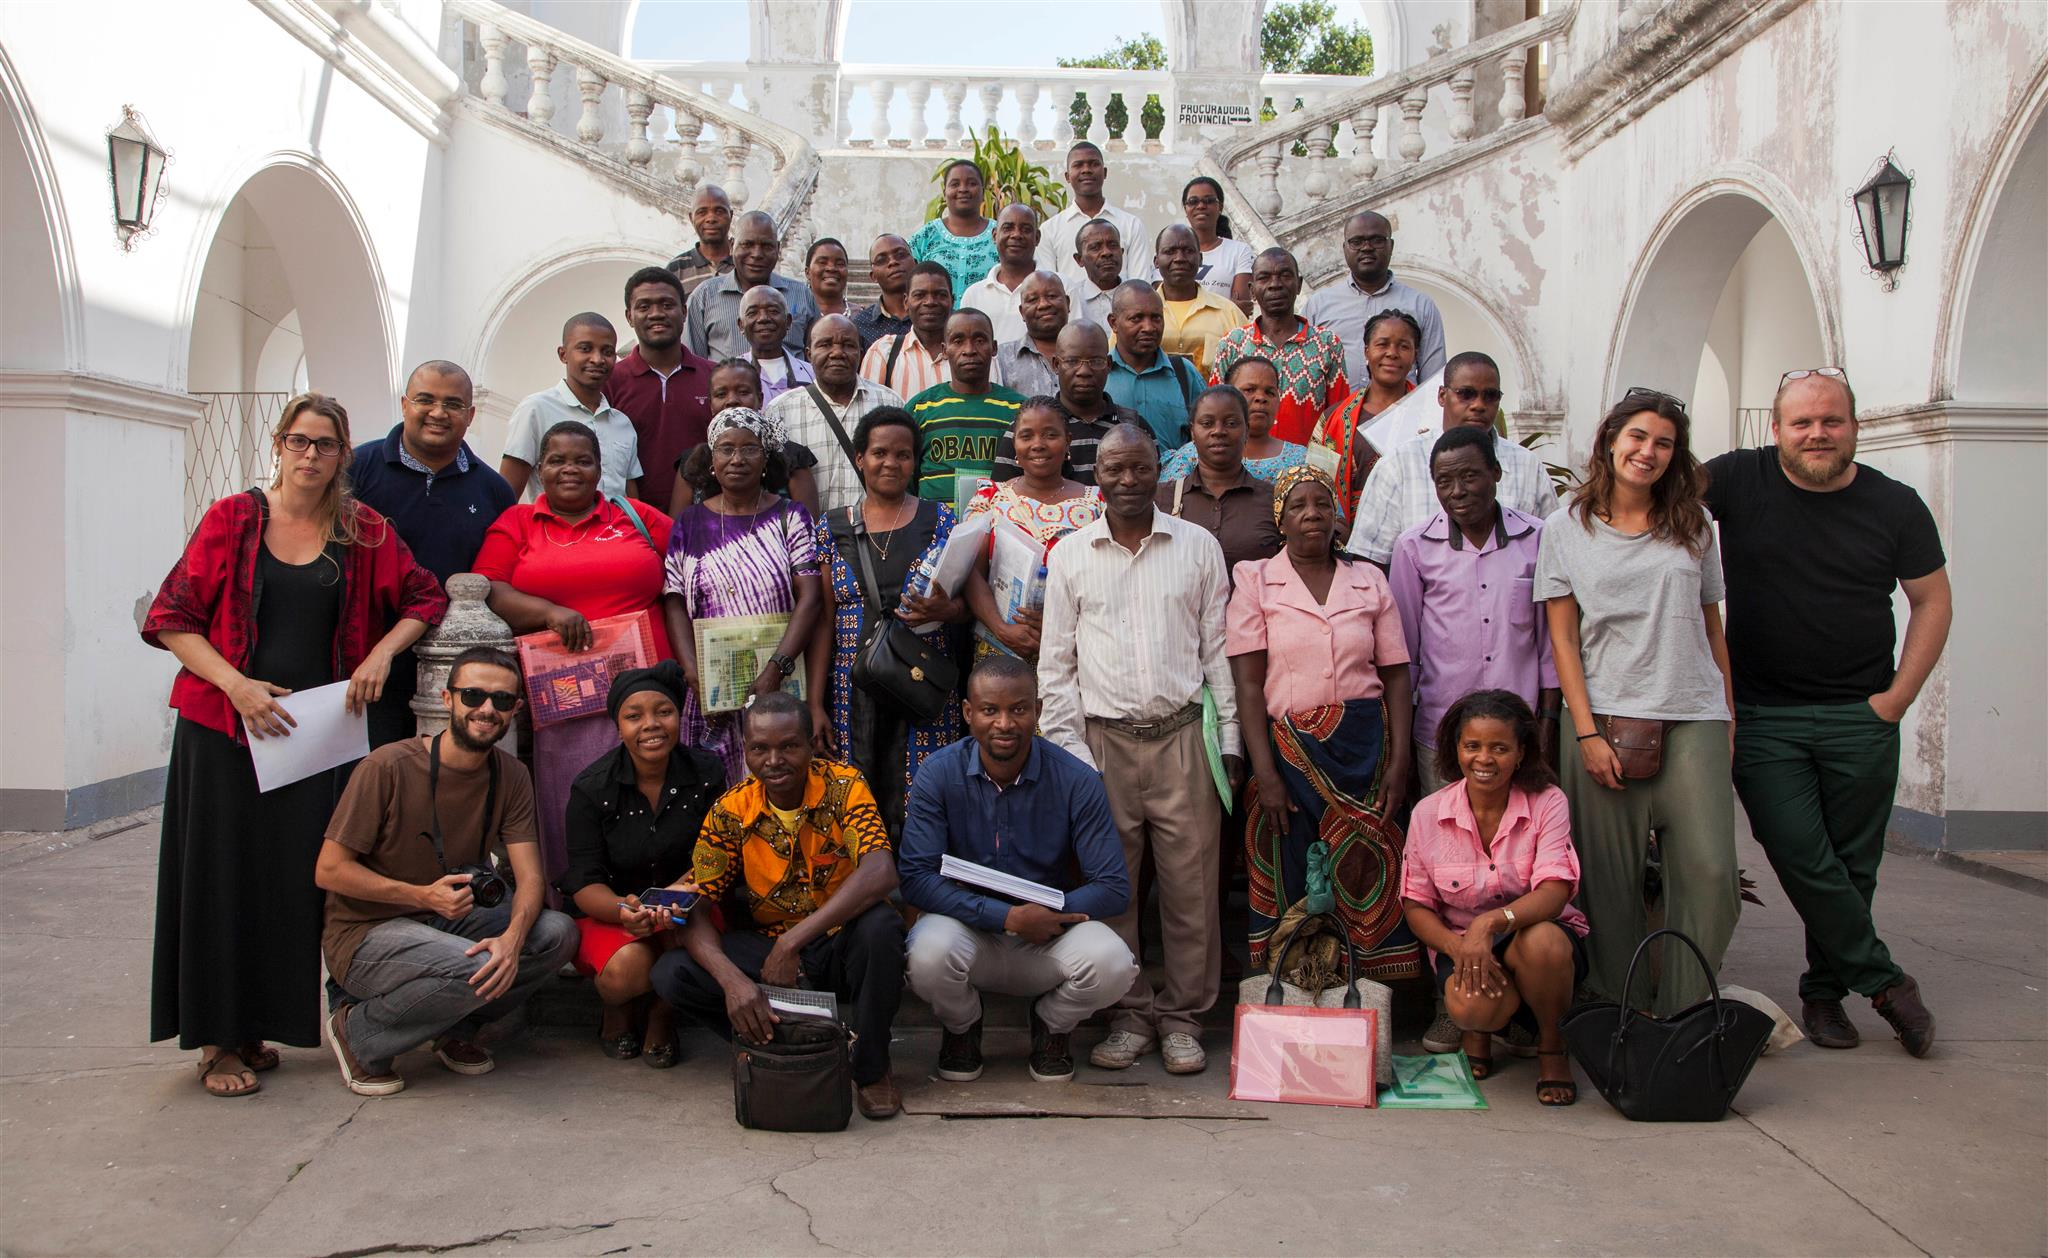 Agraïment A Les Persones Que Han Participat En El Projecte De Mercats A Inhambane